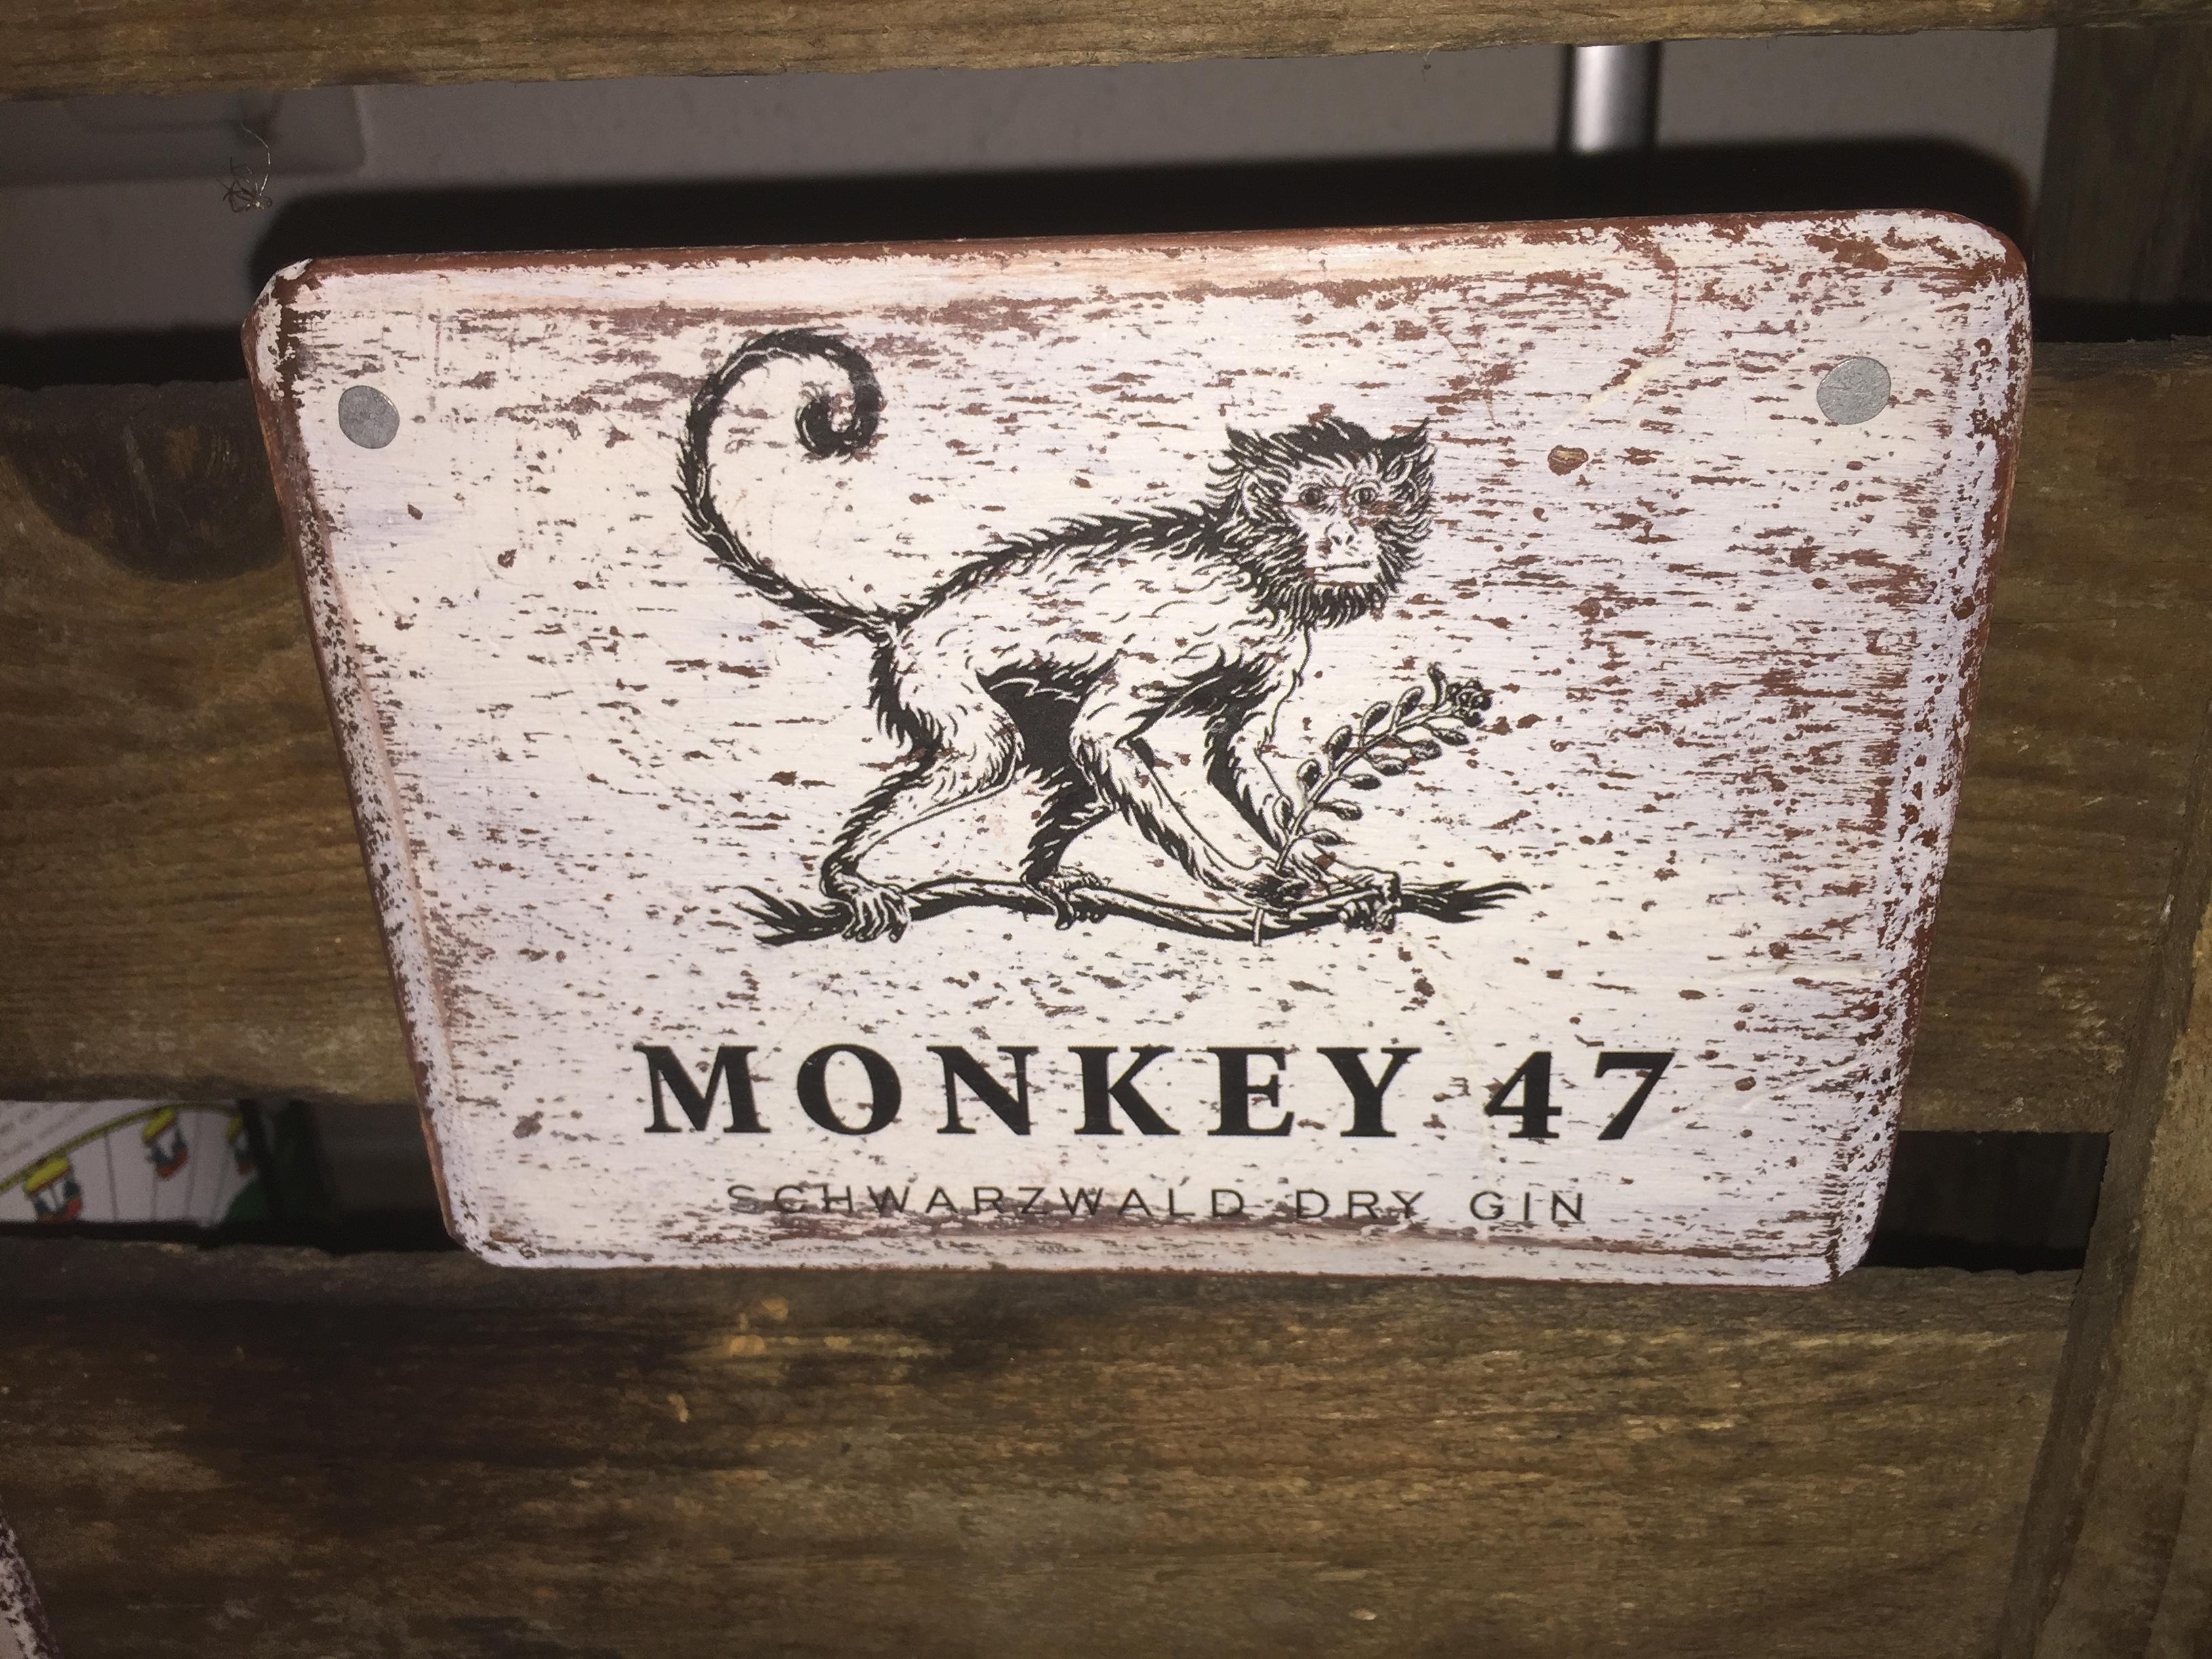 Monkey 47 GIN [Orterer bayernweit]